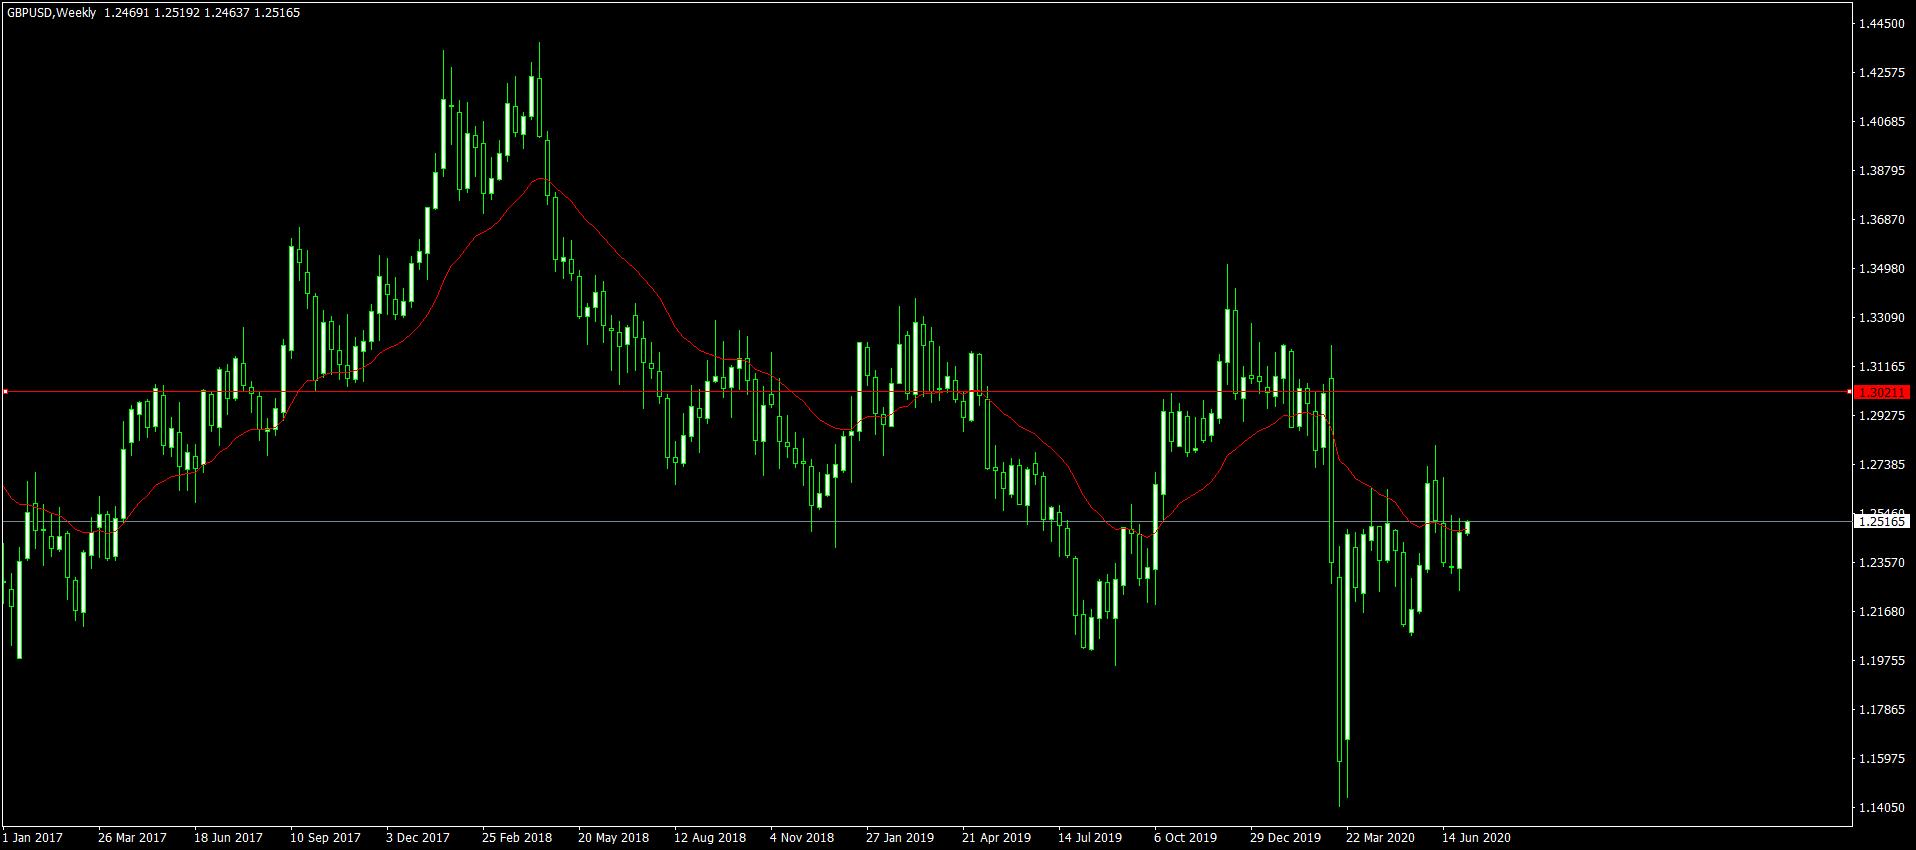 GBPUSDWeekly - تحلیل قیمت پوند/دلار در تاریخ 6 جولای(16 تیر)